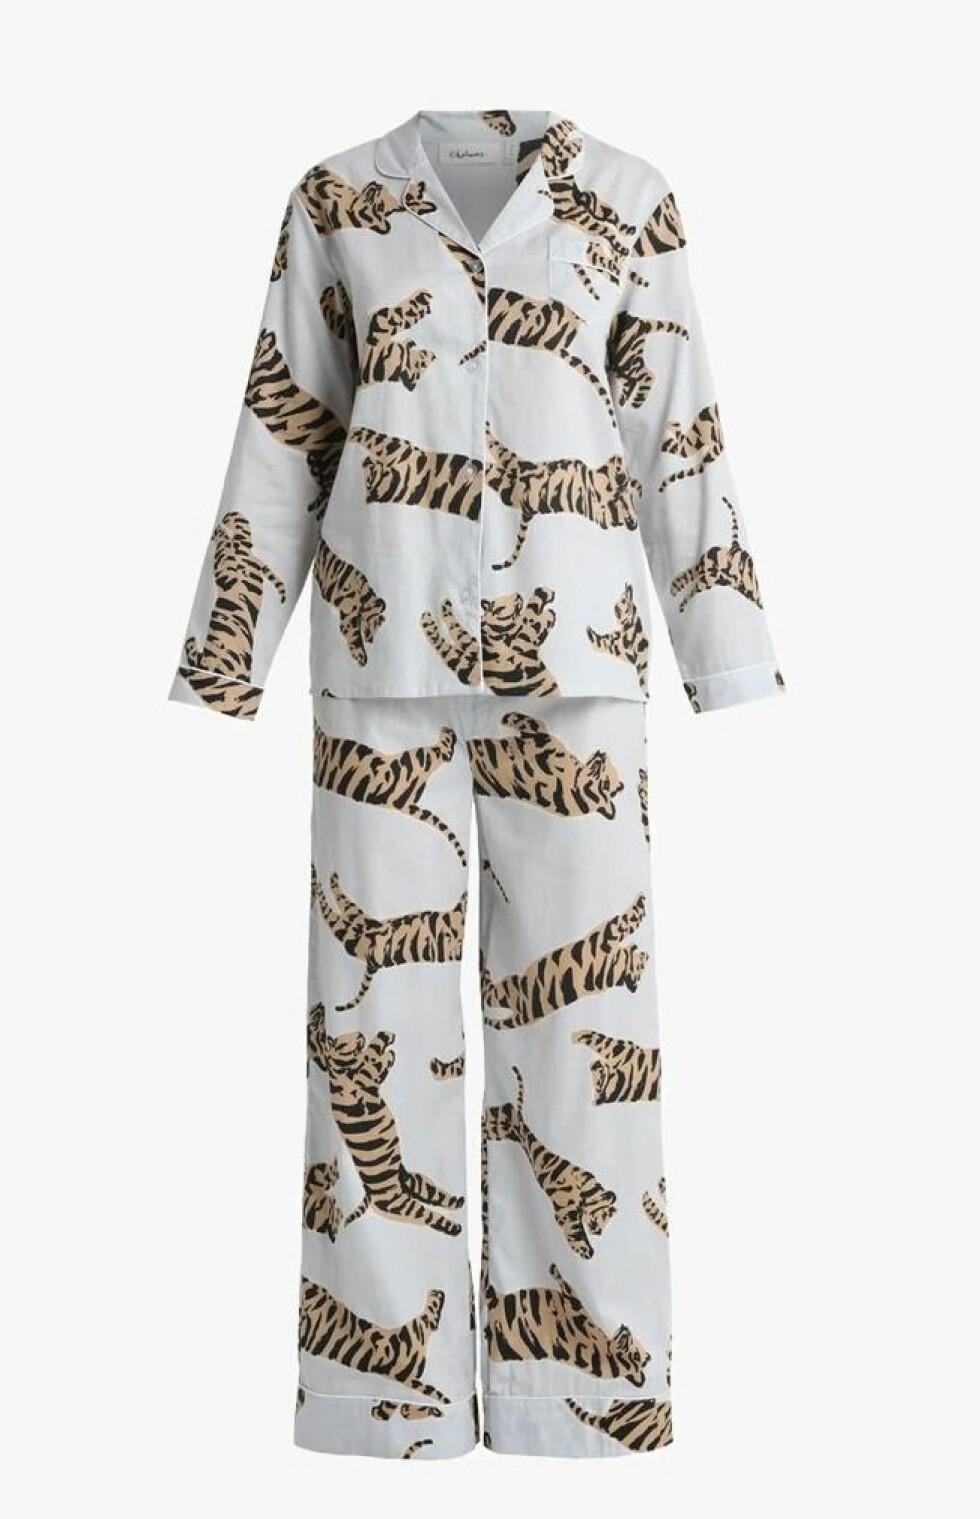 Pysj fra Chalmers |1395,-| https://www.zalando.no/chalmers-suzie-pyjam-set-pyjamas-whitebrownblack-chq81p003-a11.html